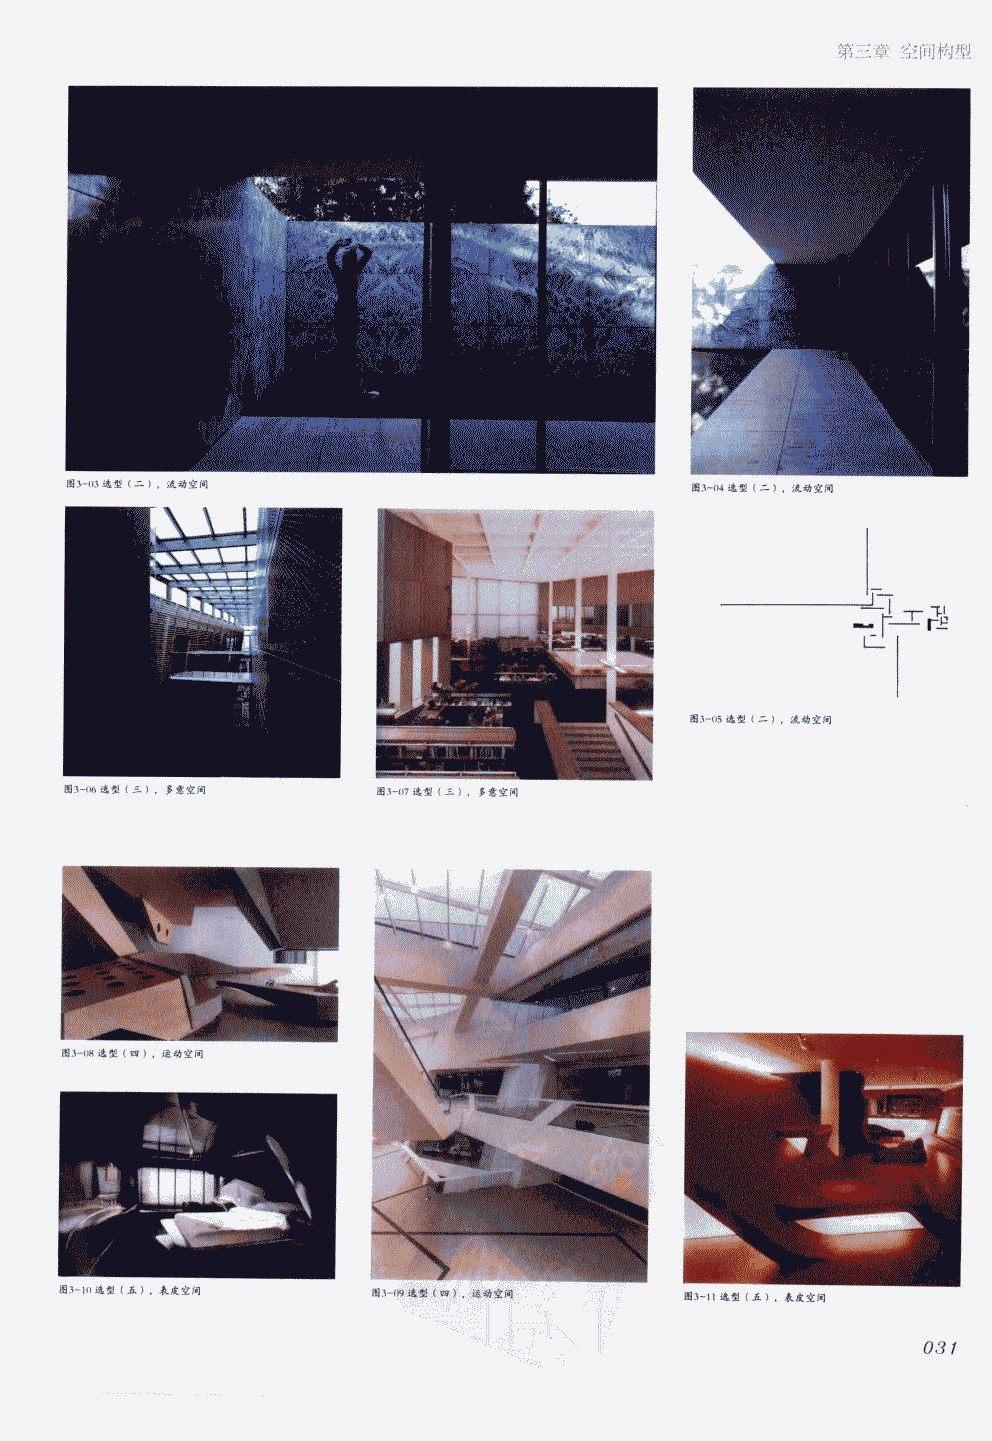 室内设计纲要++概念思考与过程表达_室内设计纲要  概念思考与过程表达_1297982..._页面_039.jpg